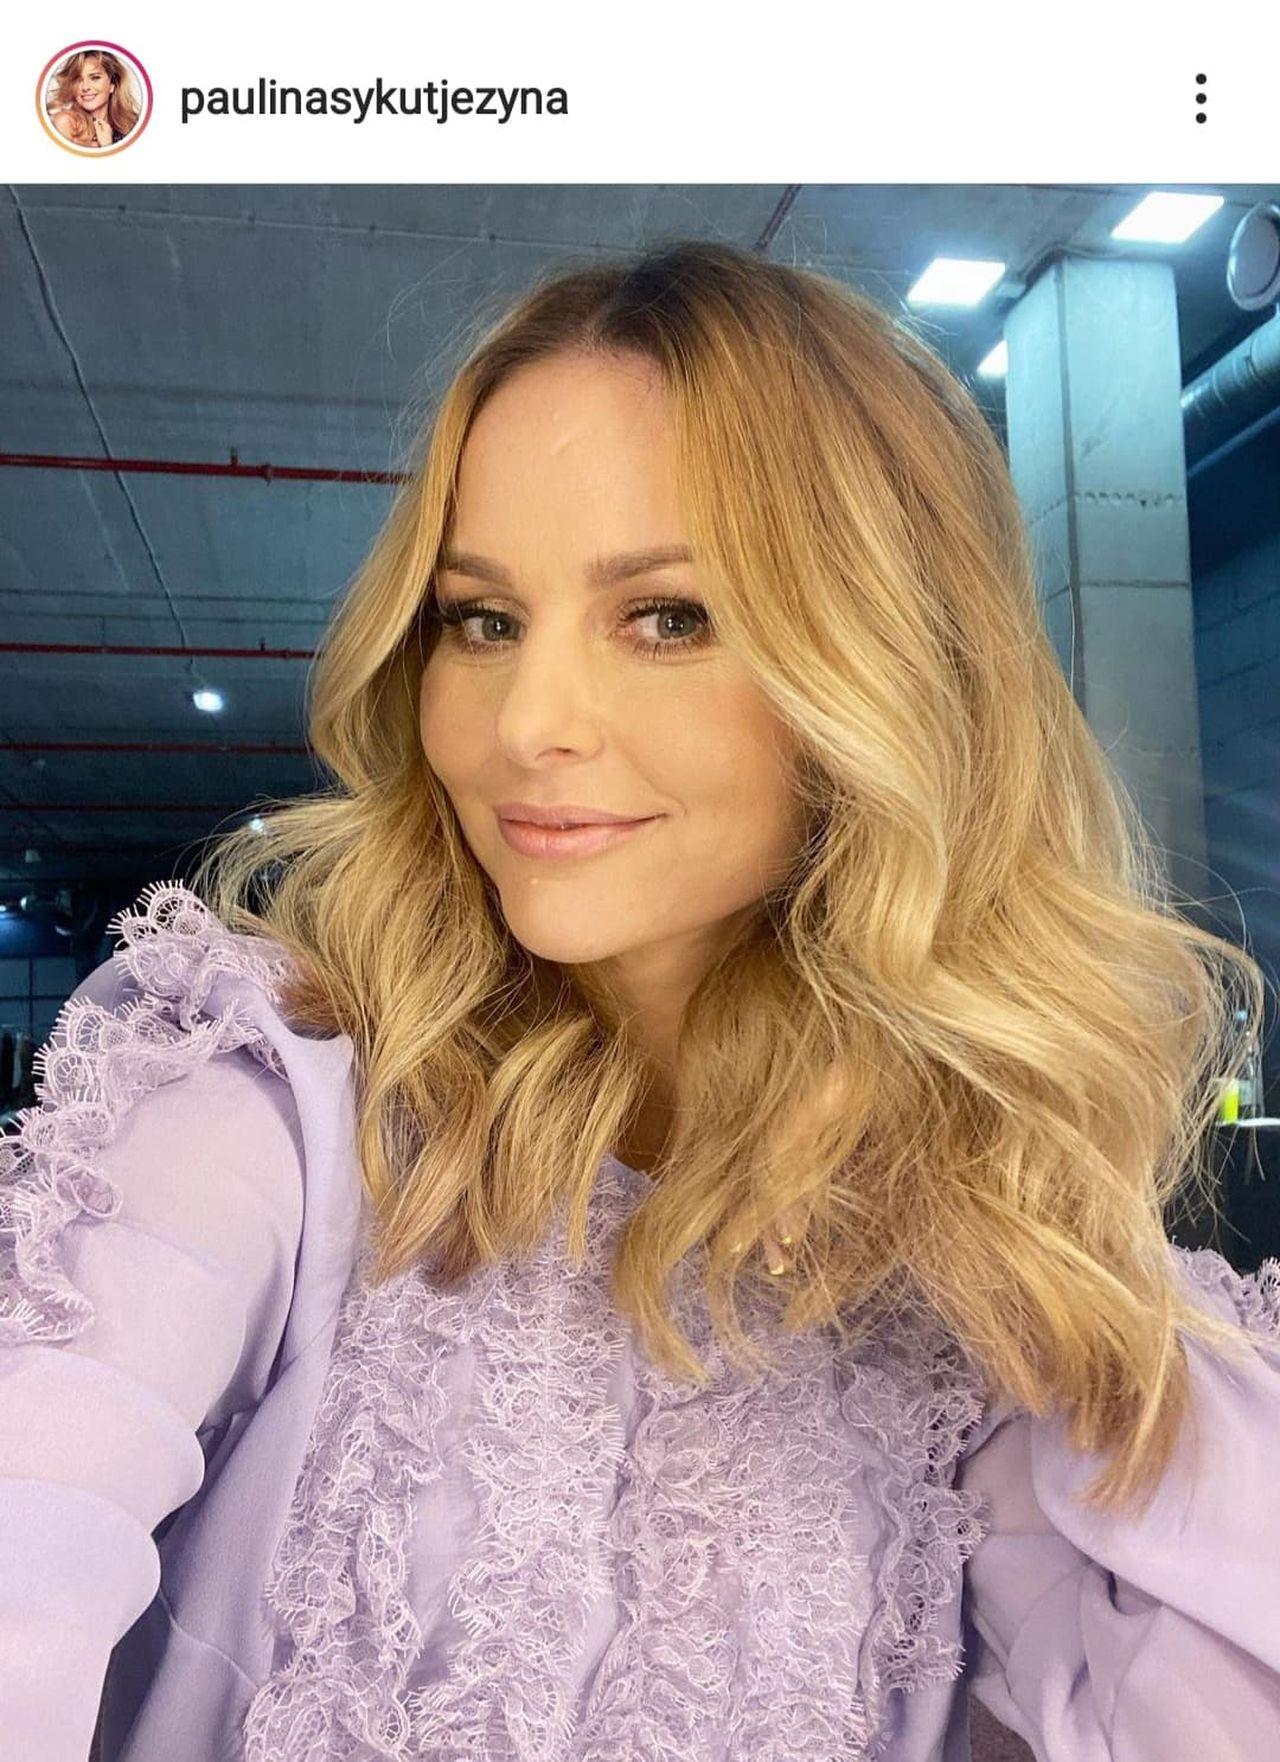 Paulina Sykut-Jeżyna w fioletowej bluzce